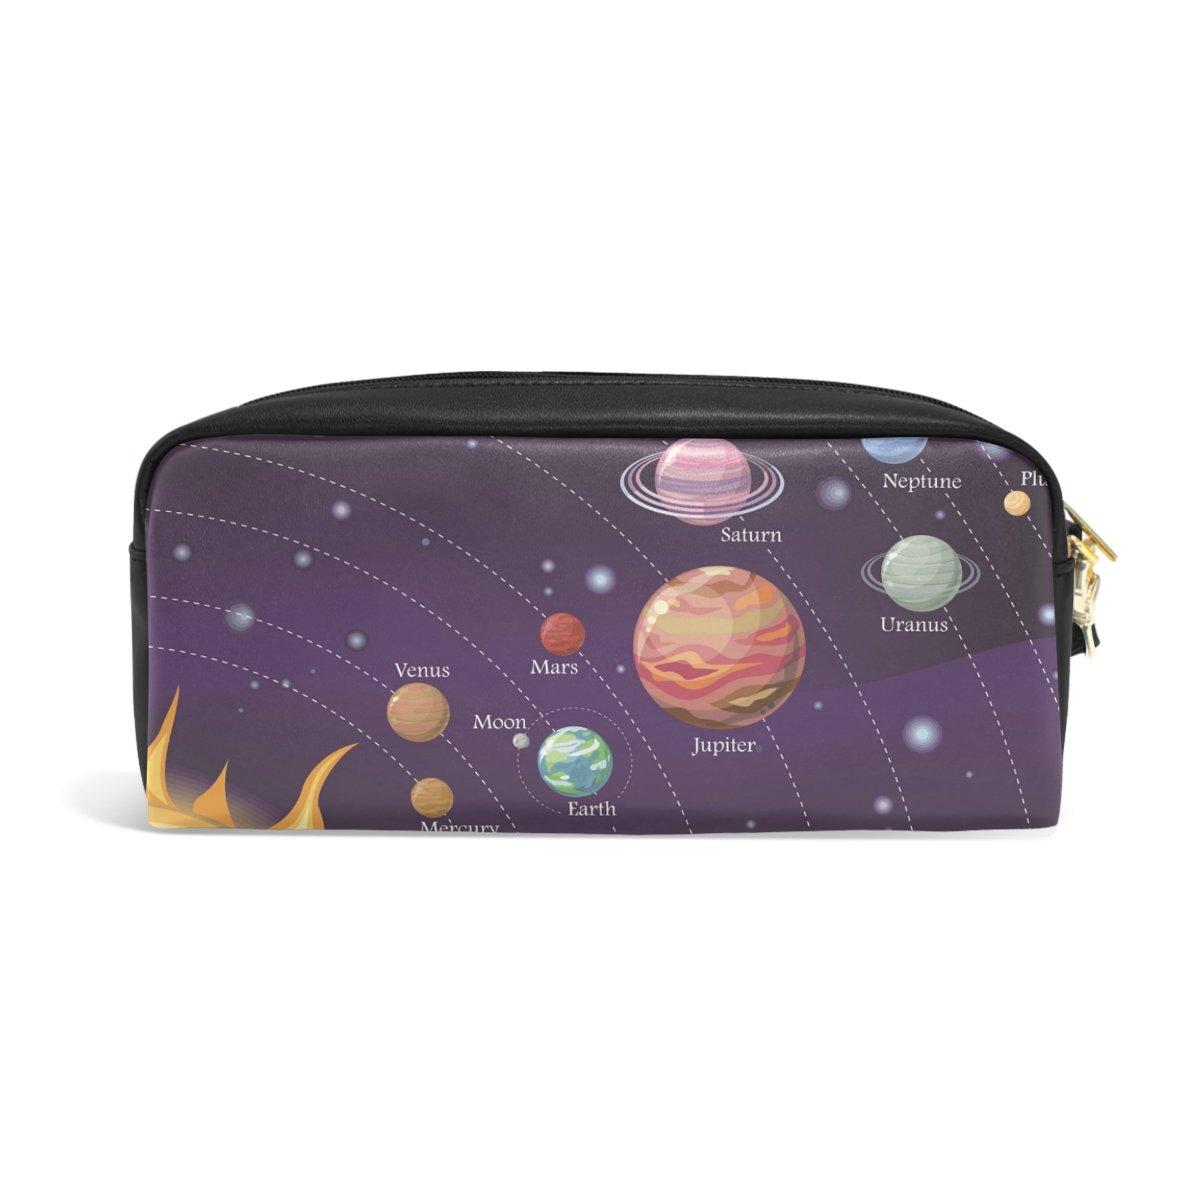 Ahomy Estuche Estuche Planetas Moon Estrellas Sol Gran Capacidad Estudiante Bolígrafo Cartera Cosmético Maquillaje Bolsa para Mujer: Amazon.es: Oficina y ...